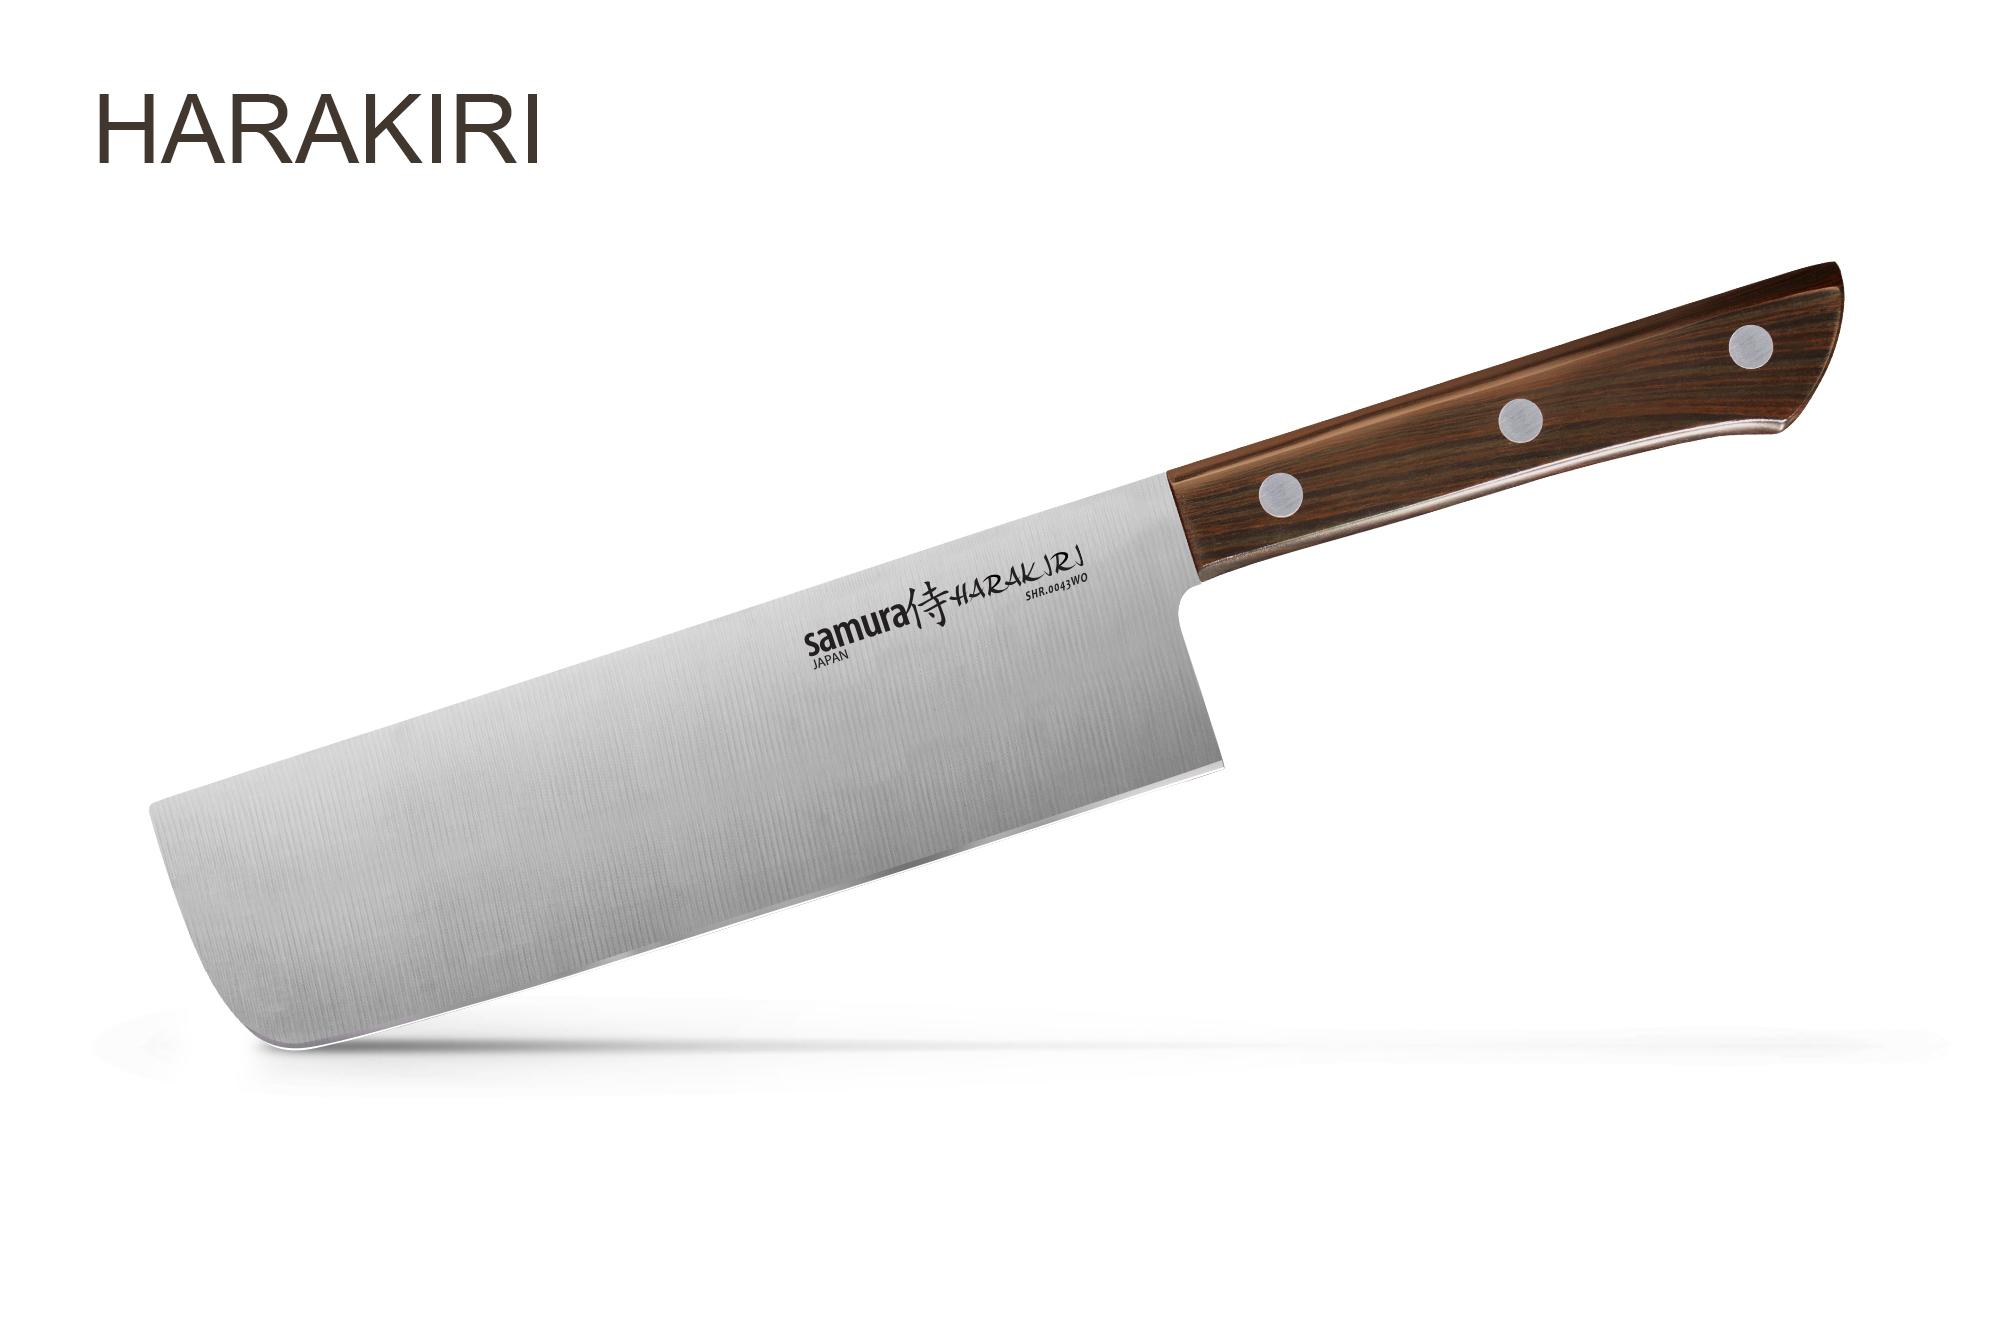 Фото 6 - Нож кухонный Накири Samura